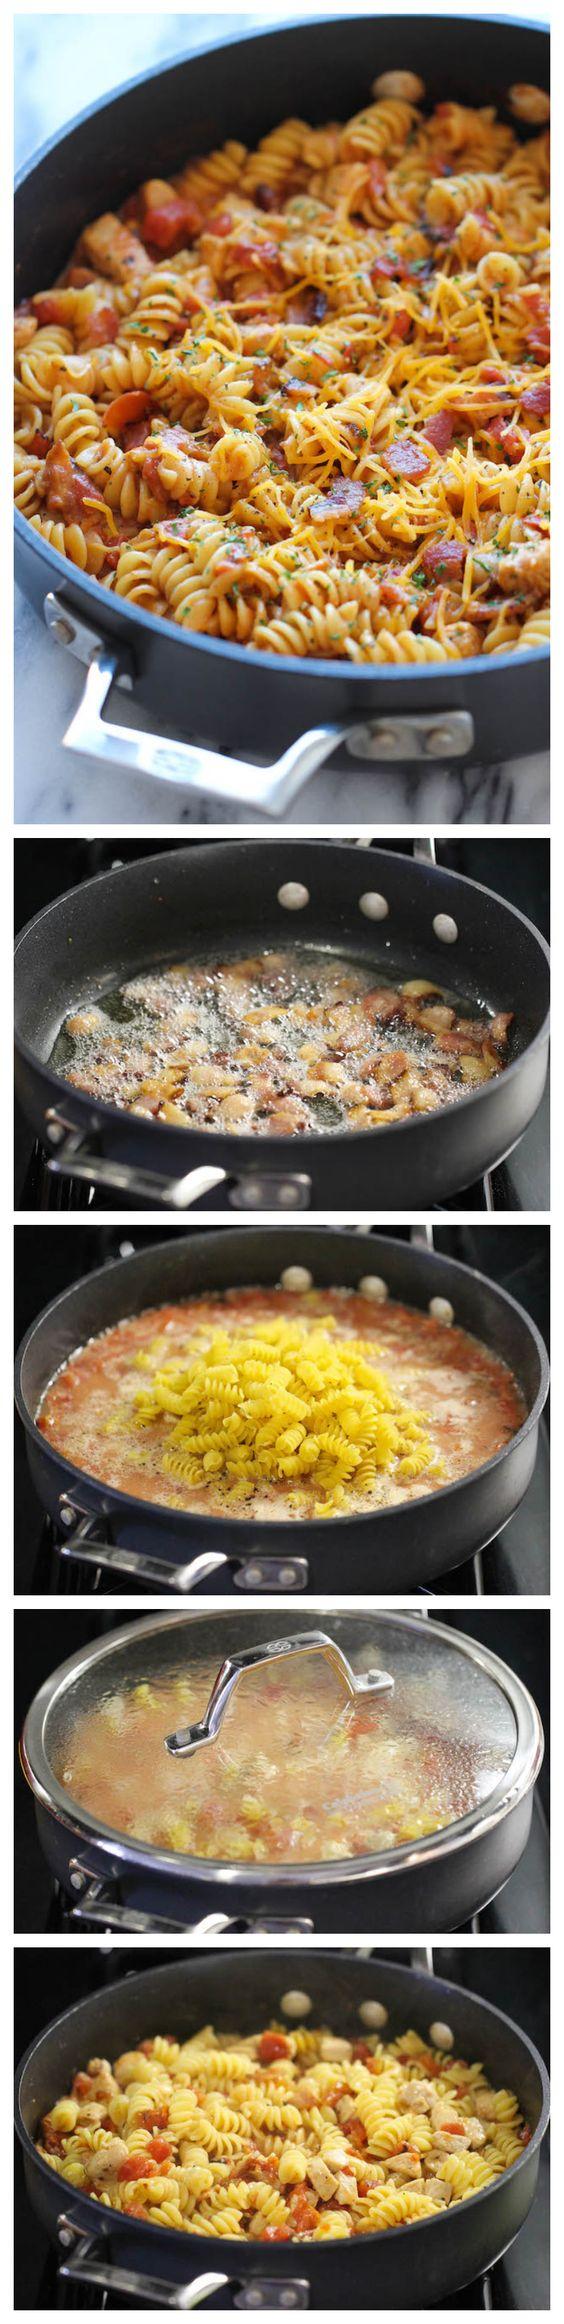 Uno Pot BBQ Chicken Pasta - Cargado con salsa de barbacoa picante y tocino crujiente. Es tan fácil, incluso la pasta se cocina justo en el bote!